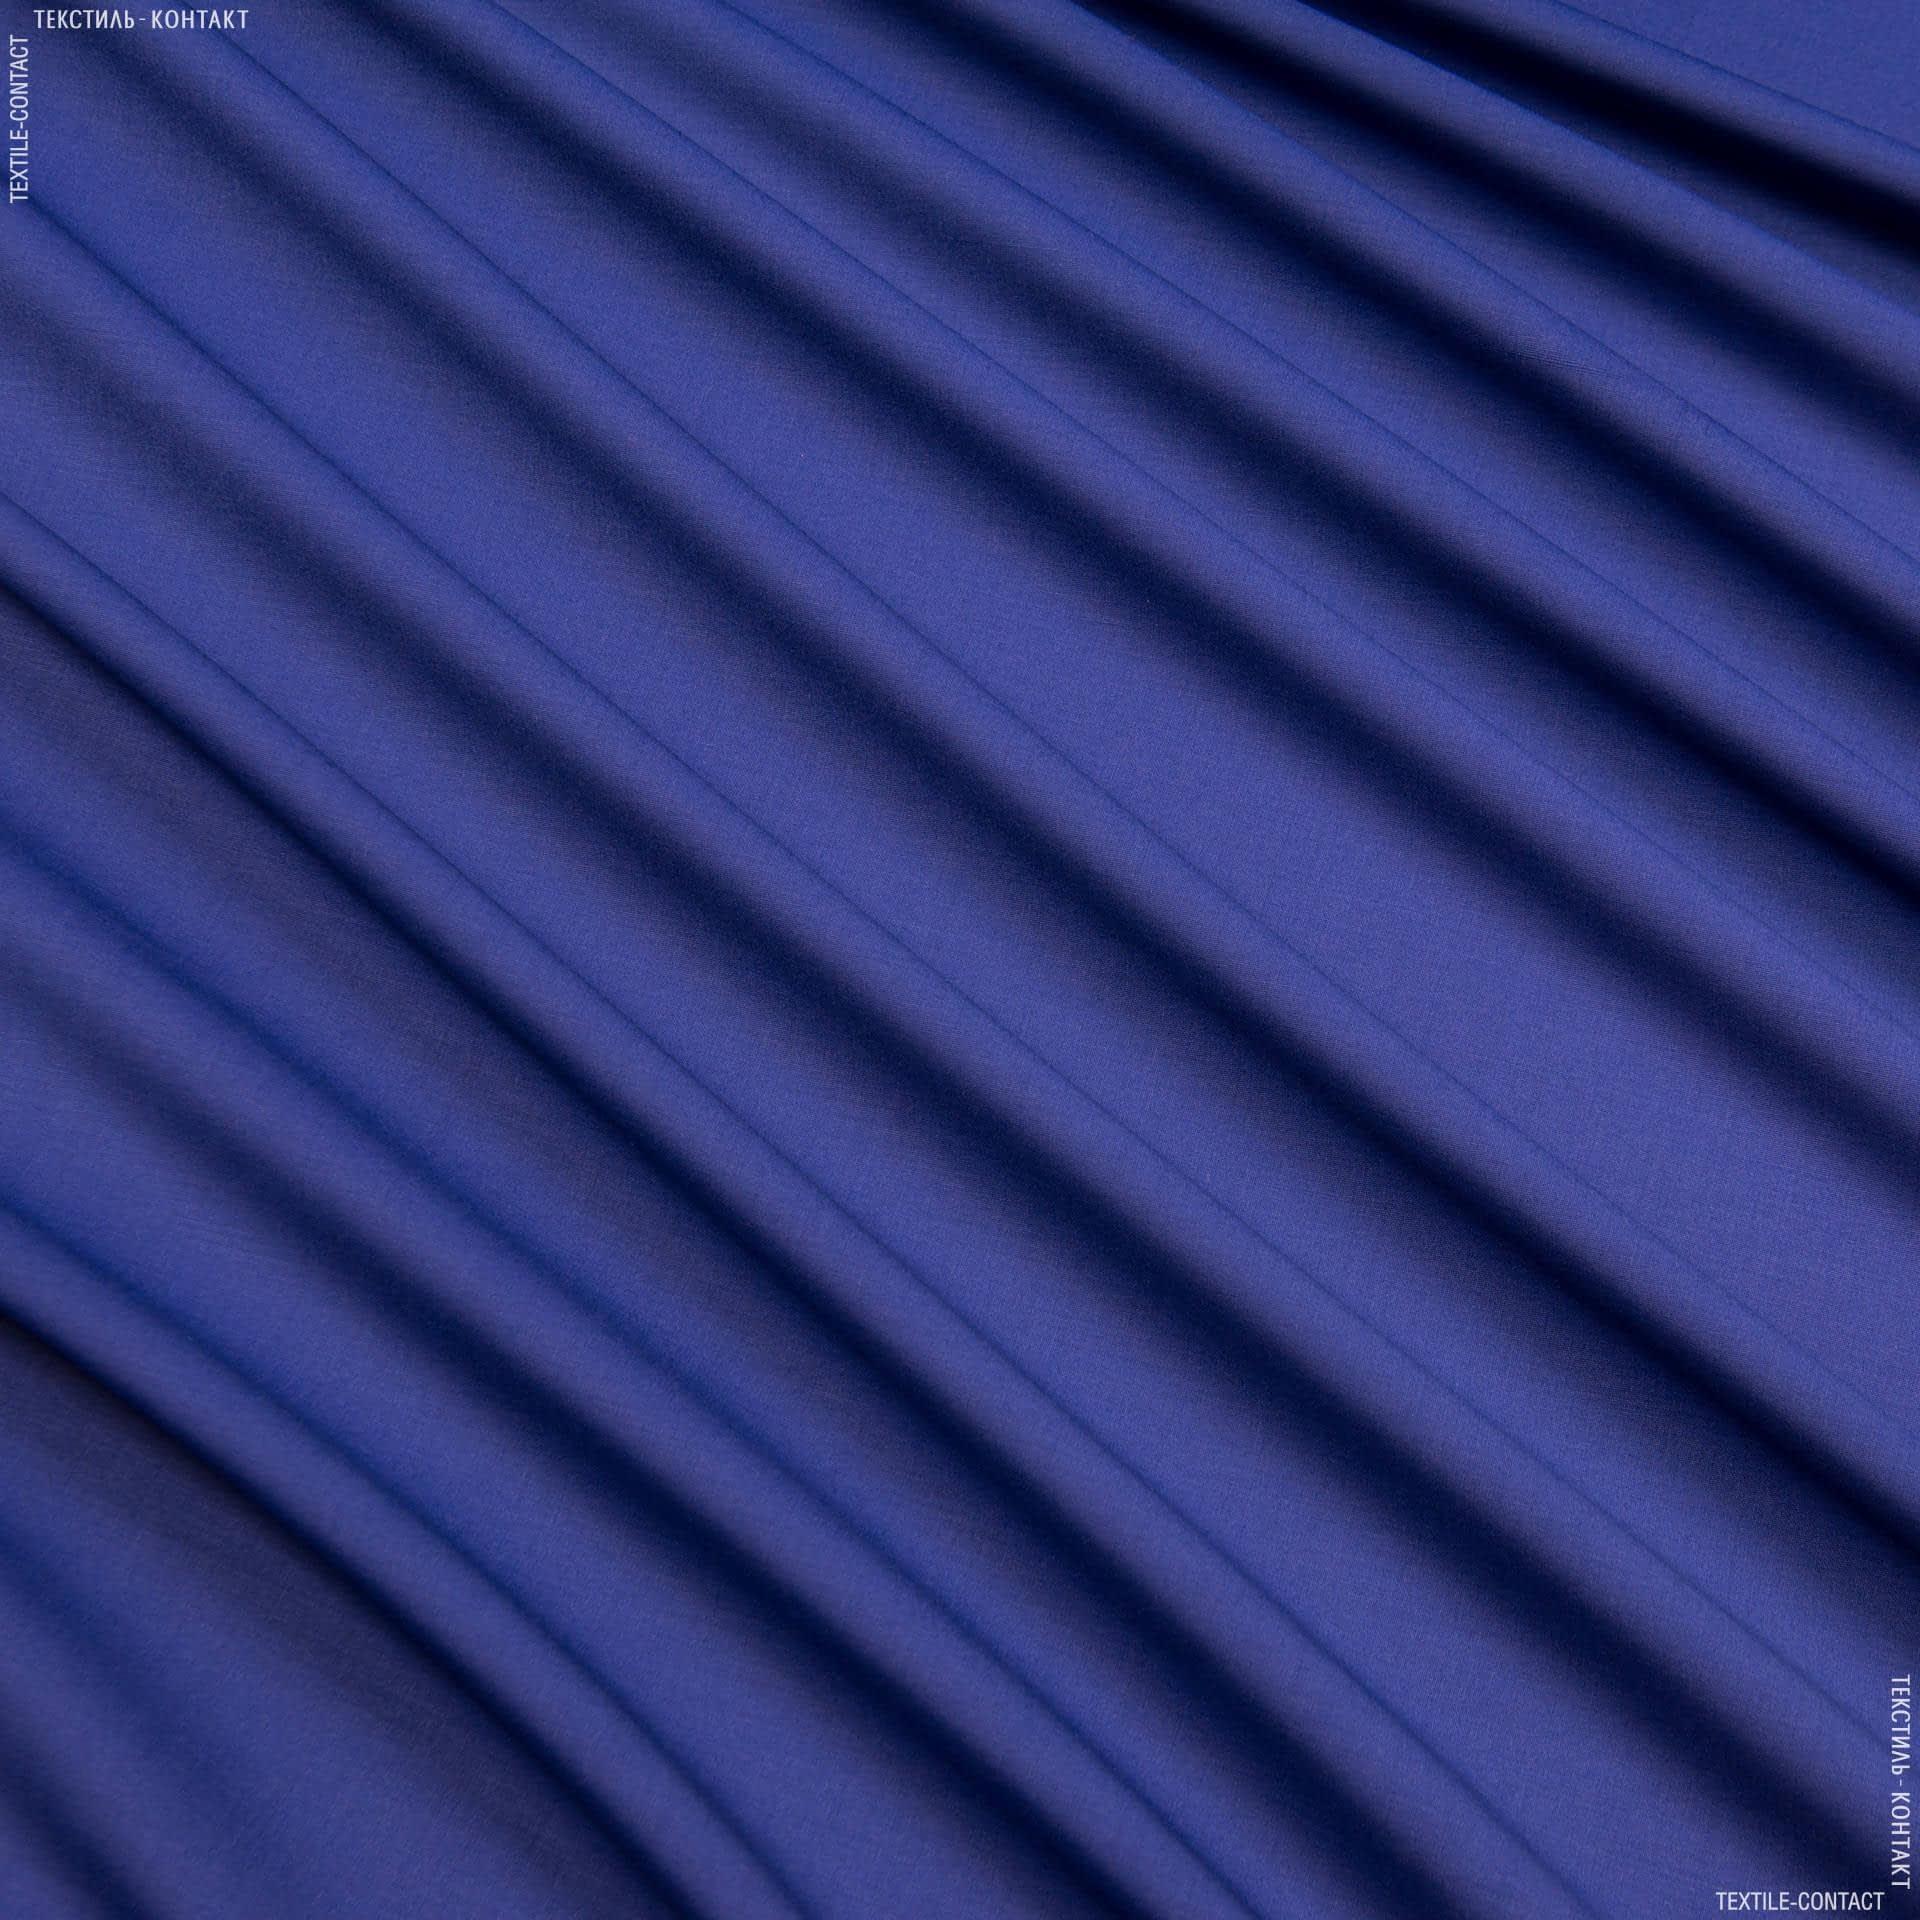 Ткани для костюмов - Костюмная лексус электрик